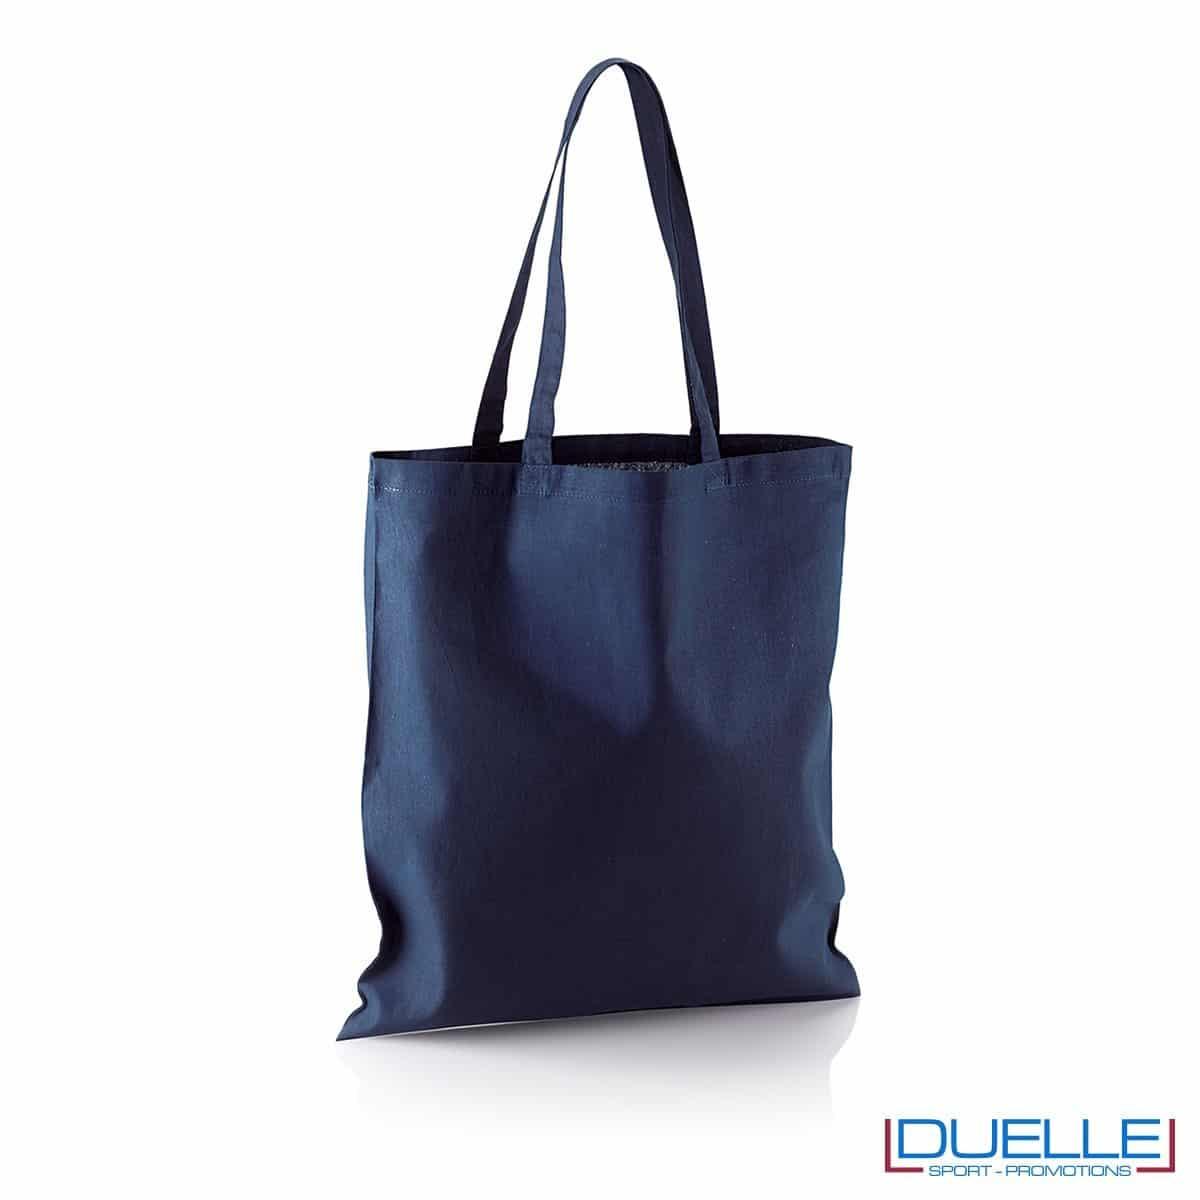 Shopper personalizzata in puro cotone blu navy